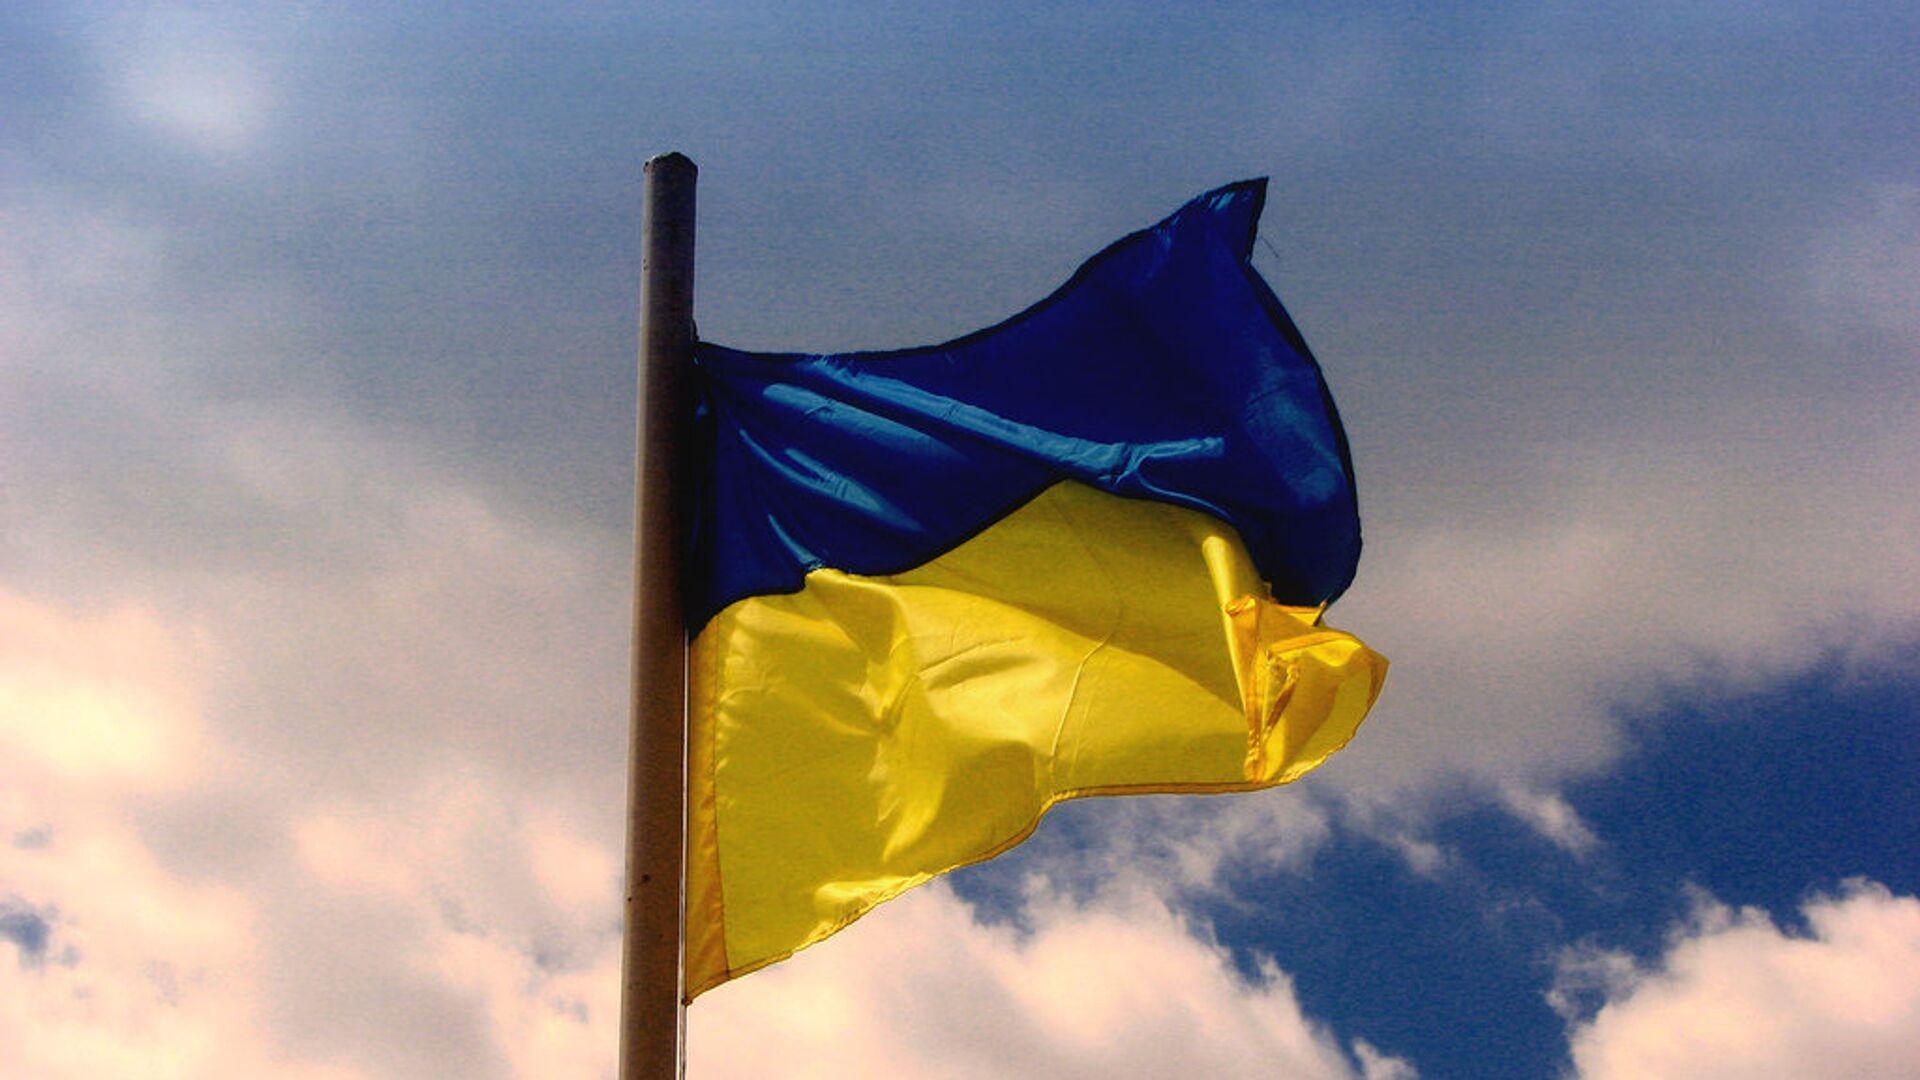 Bandera de Ucrania - Sputnik Mundo, 1920, 13.04.2021